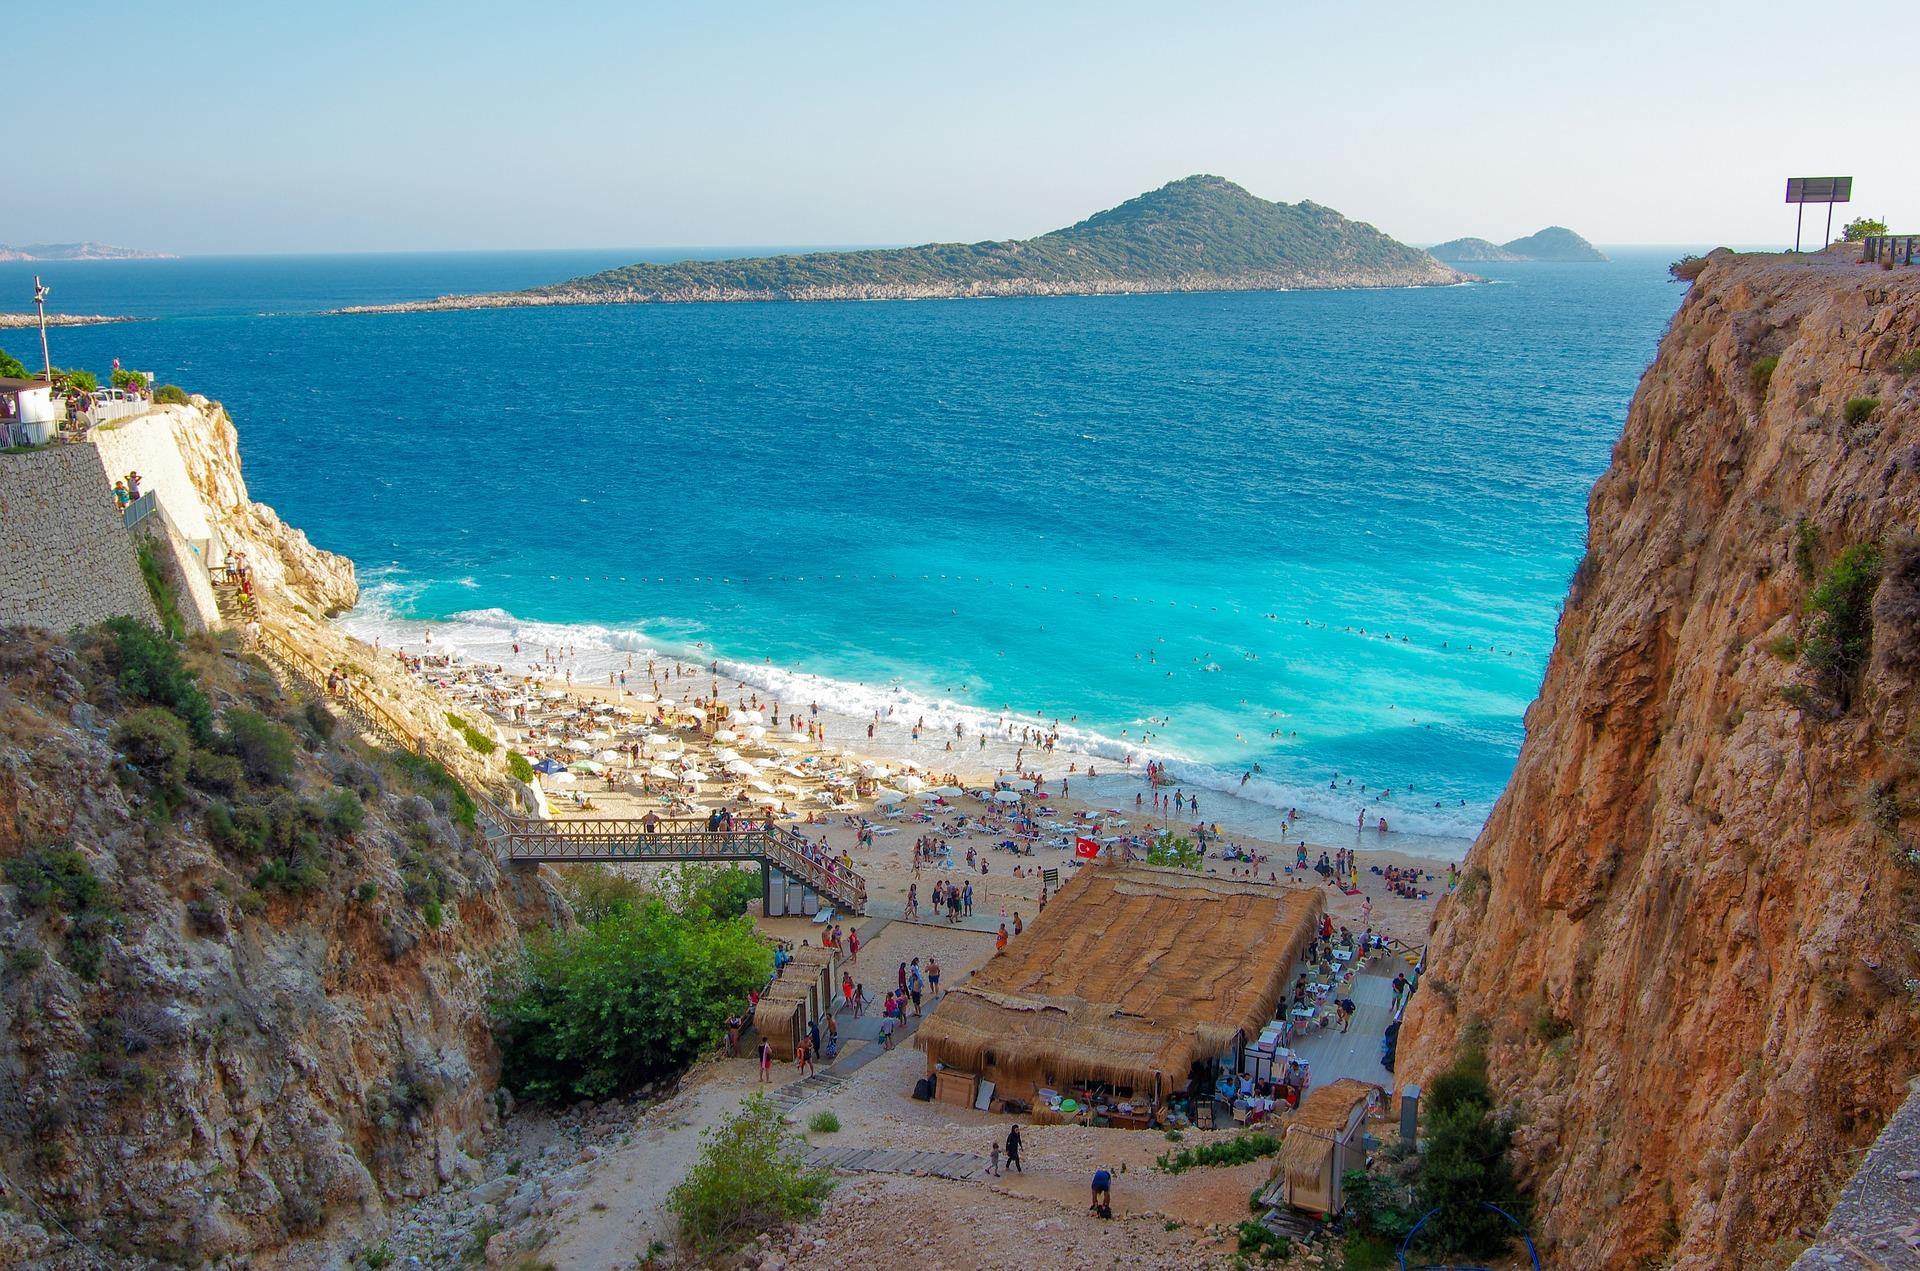 Disfruta de la costa turca en Antalya